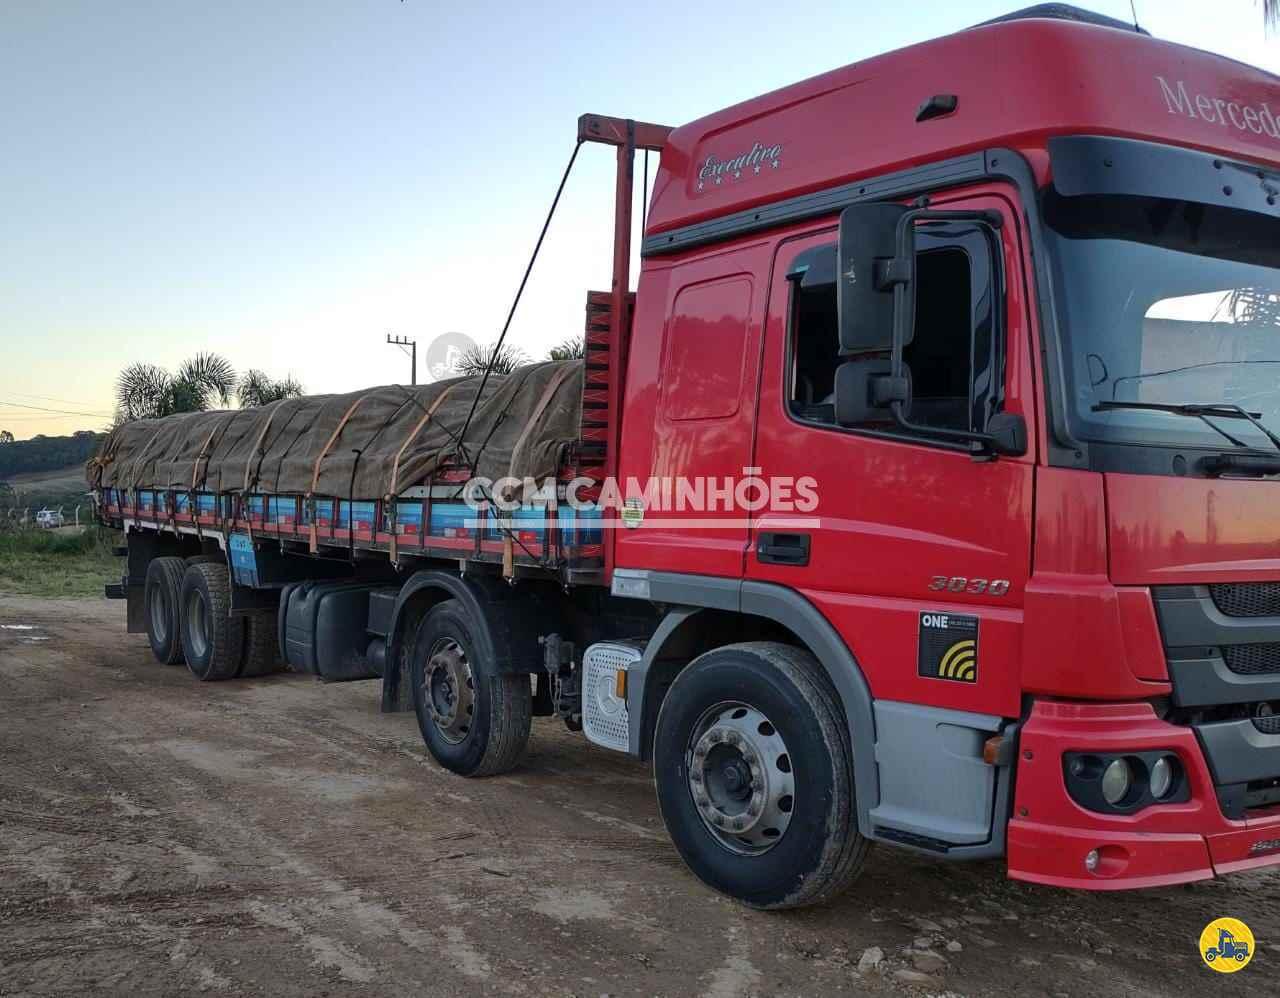 CAMINHAO MERCEDES-BENZ MB 3030 Carga Seca BiTruck 8x2 CCM Caminhões GOIANIA GOIAS GO